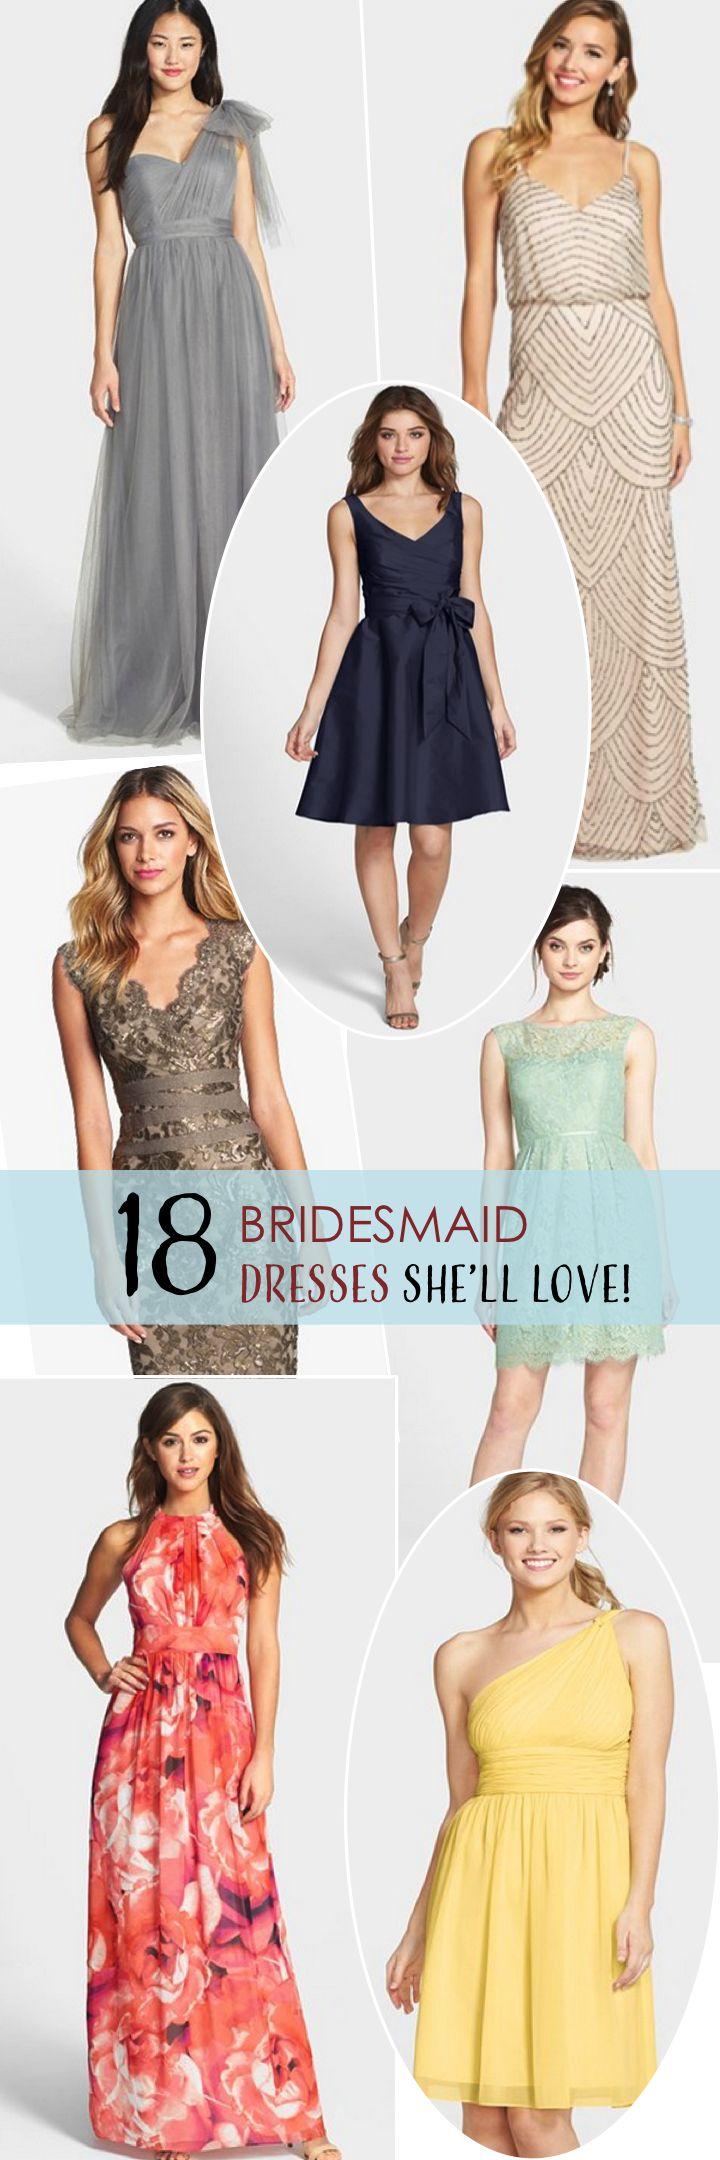 17 Best images about Bridesmaid Dresses on Pinterest - Mismatched ...